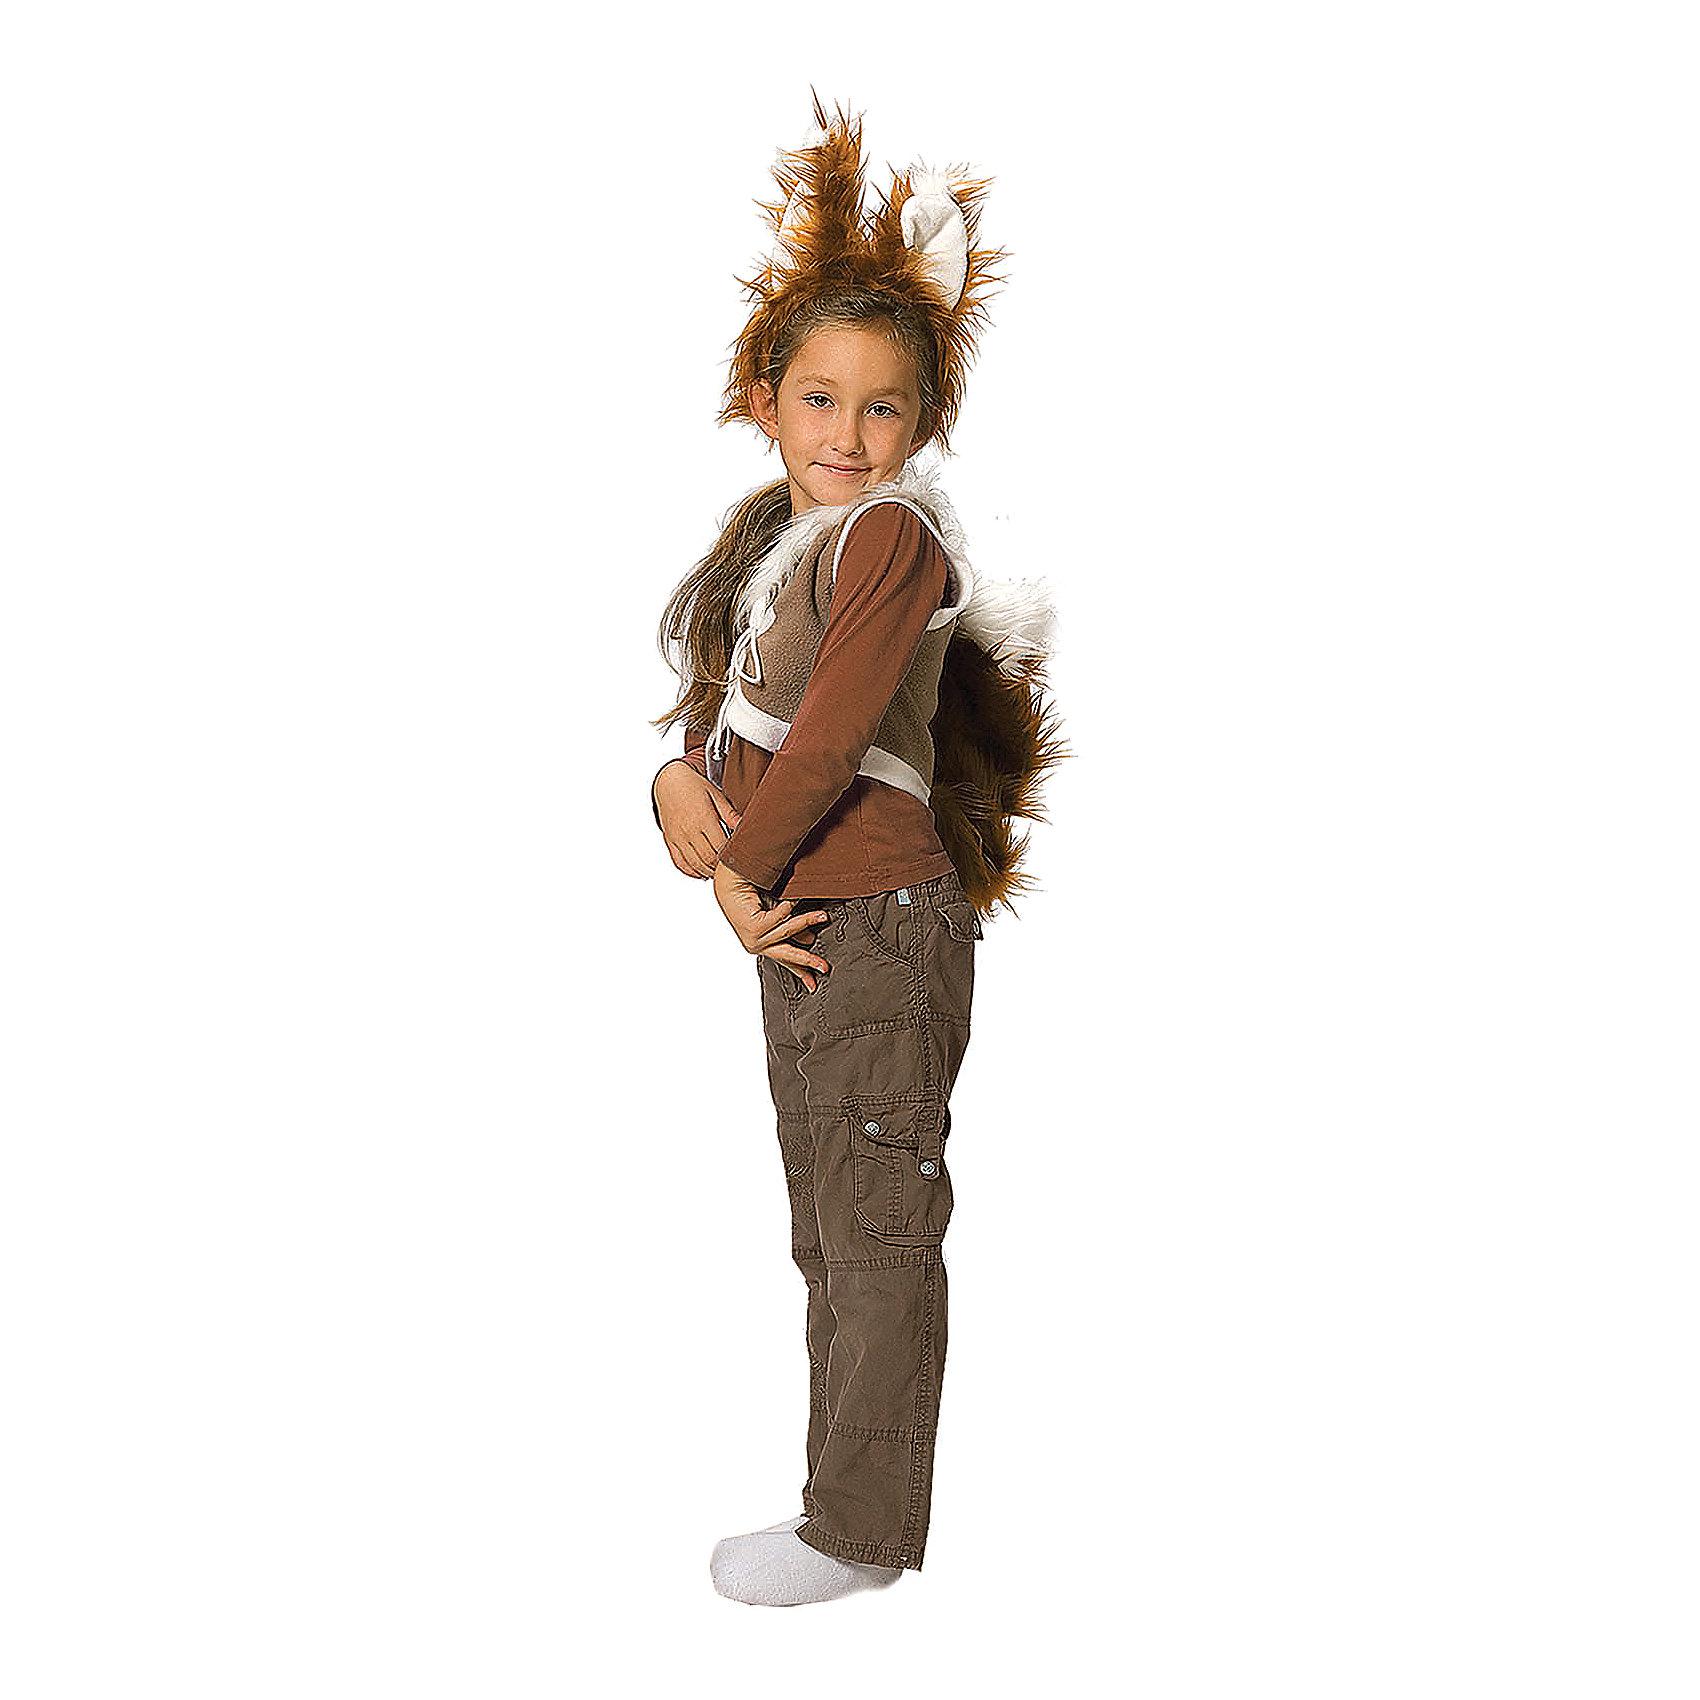 Карнавальный костюм для девочки Белочка, ВестификаКарнавальные костюмы и аксессуары<br>Детский карнавальный костюм Белочка один из самых любимых и востребованных костюмов для детского сада. Костюм Белочка для девочки состоит из жилетки и ободка с ушками. Жилетка на груди завязывается шнурком. К жилетке пришит хвост.<br><br>Дополнительная информация:<br><br>Комплектация:<br>Жилетка с хвостиком <br>Ободок с ушками<br>Ткани:<br>Флис (100% полиэстер)<br><br>Карнавальный костюм для девочки Белочка, Вестифика можно купить в нашем магазине.<br><br>Ширина мм: 236<br>Глубина мм: 16<br>Высота мм: 184<br>Вес г: 100<br>Цвет: разноцветный<br>Возраст от месяцев: 48<br>Возраст до месяцев: 60<br>Пол: Женский<br>Возраст: Детский<br>Размер: 104/110<br>SKU: 4389276